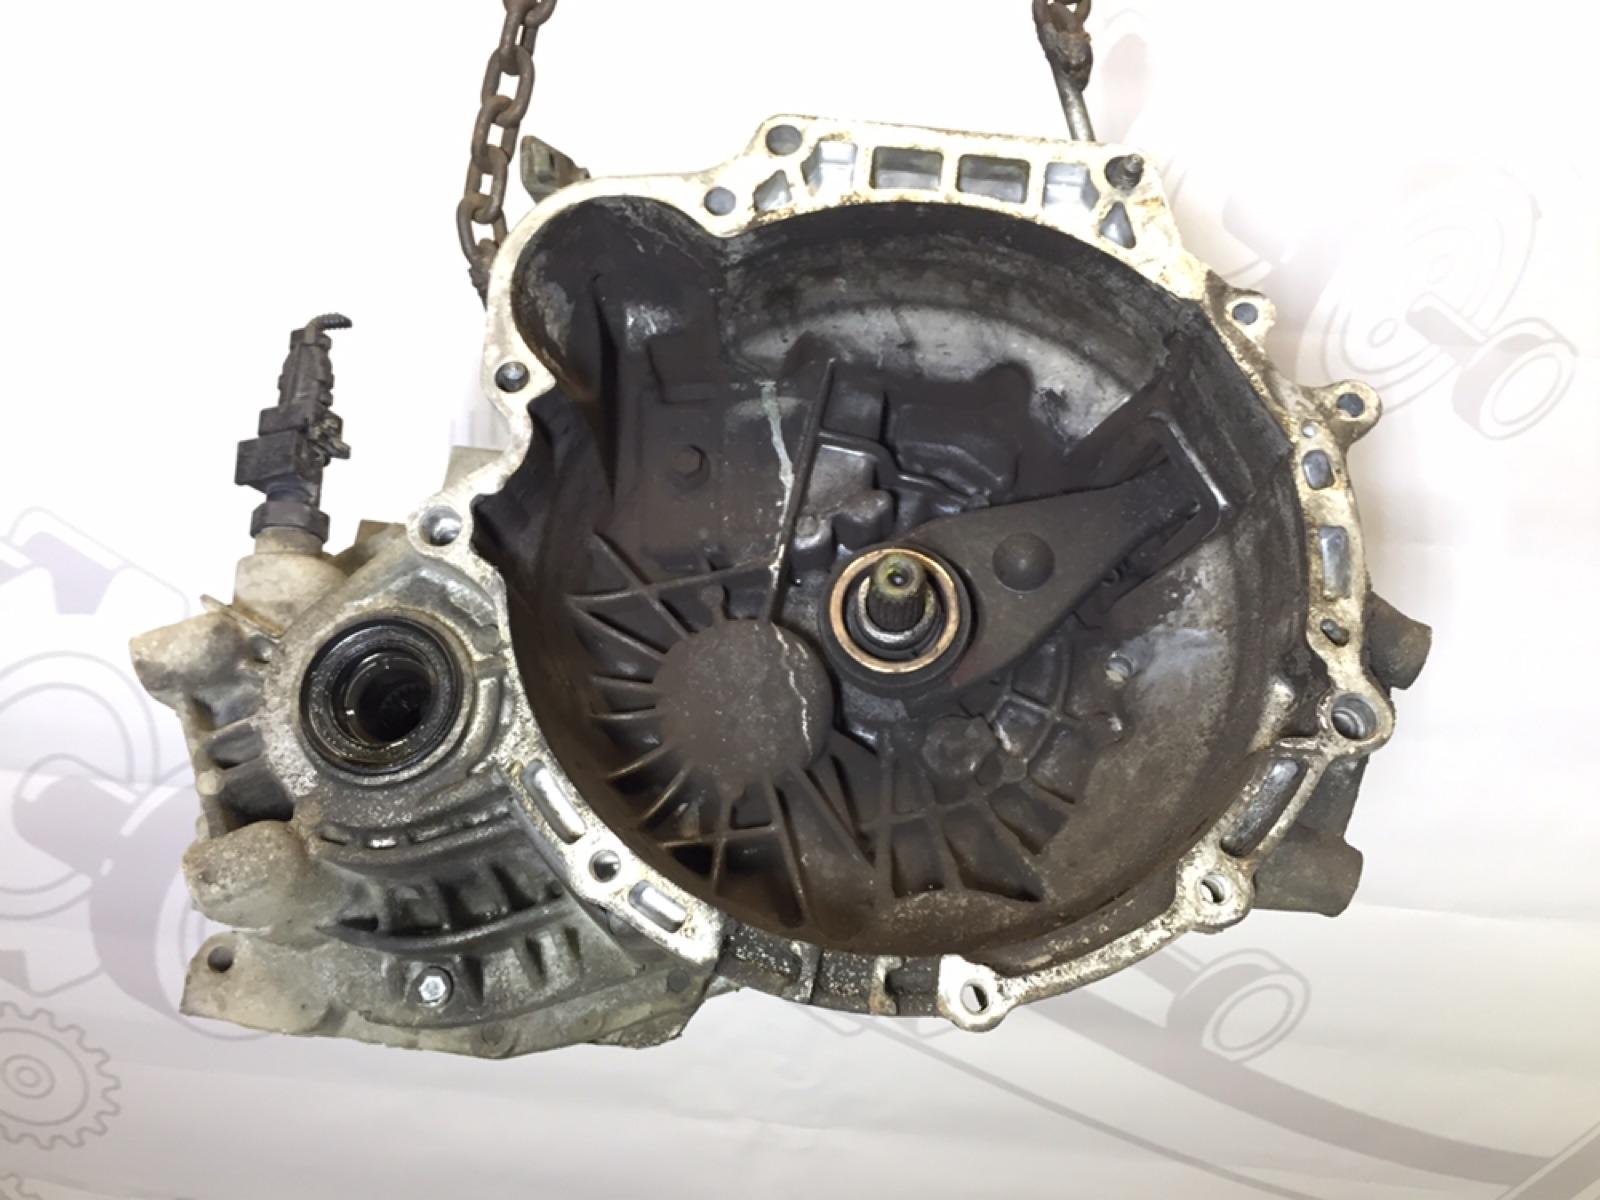 Кпп механическая (мкпп) Hyundai Getz 1.3 I 2004 (б/у)